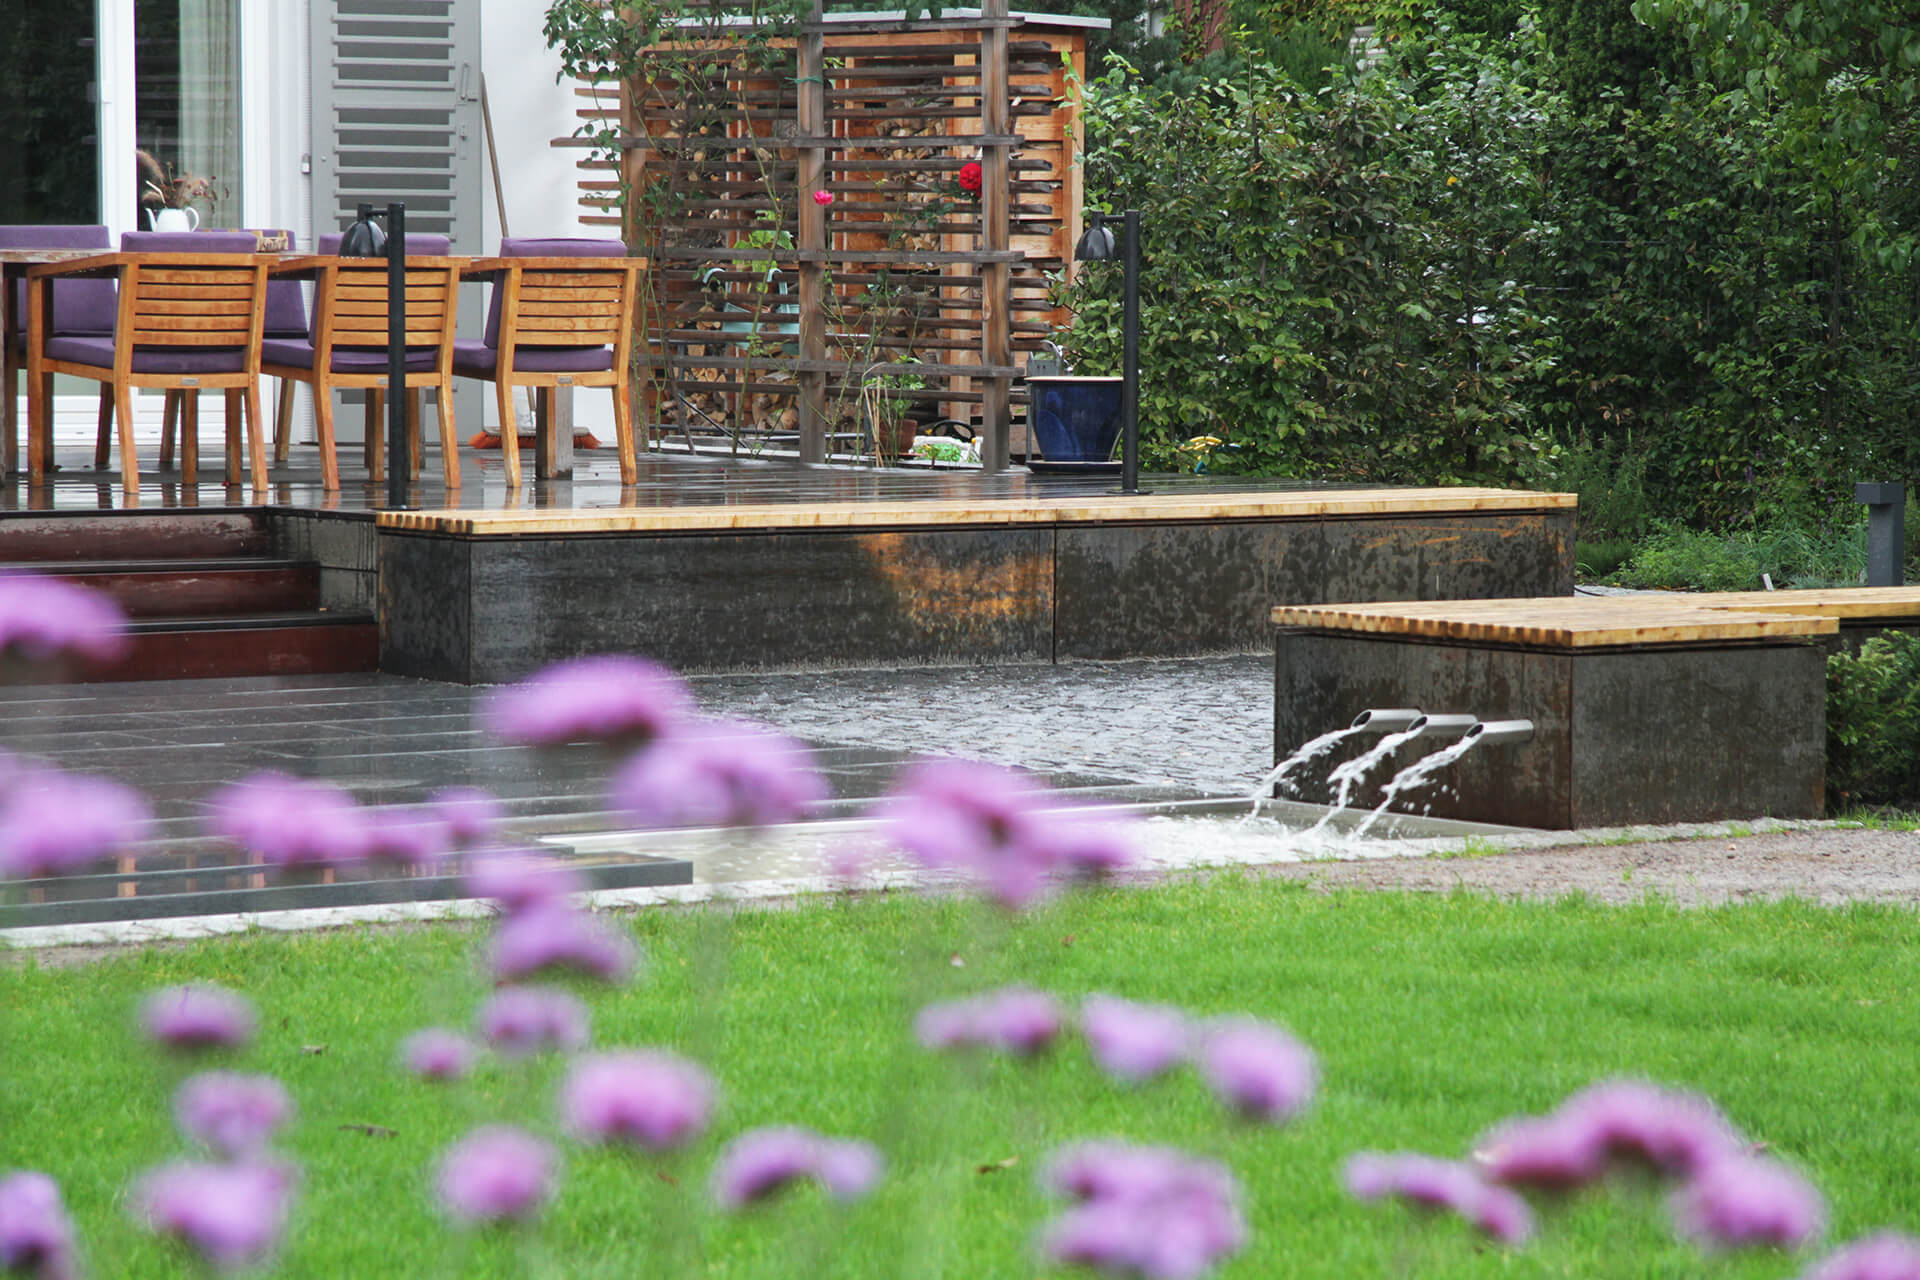 gartenmanufaktur-nuessler-garten-dresden-terrasse-wasserbecken-brunnen-bank-stahl